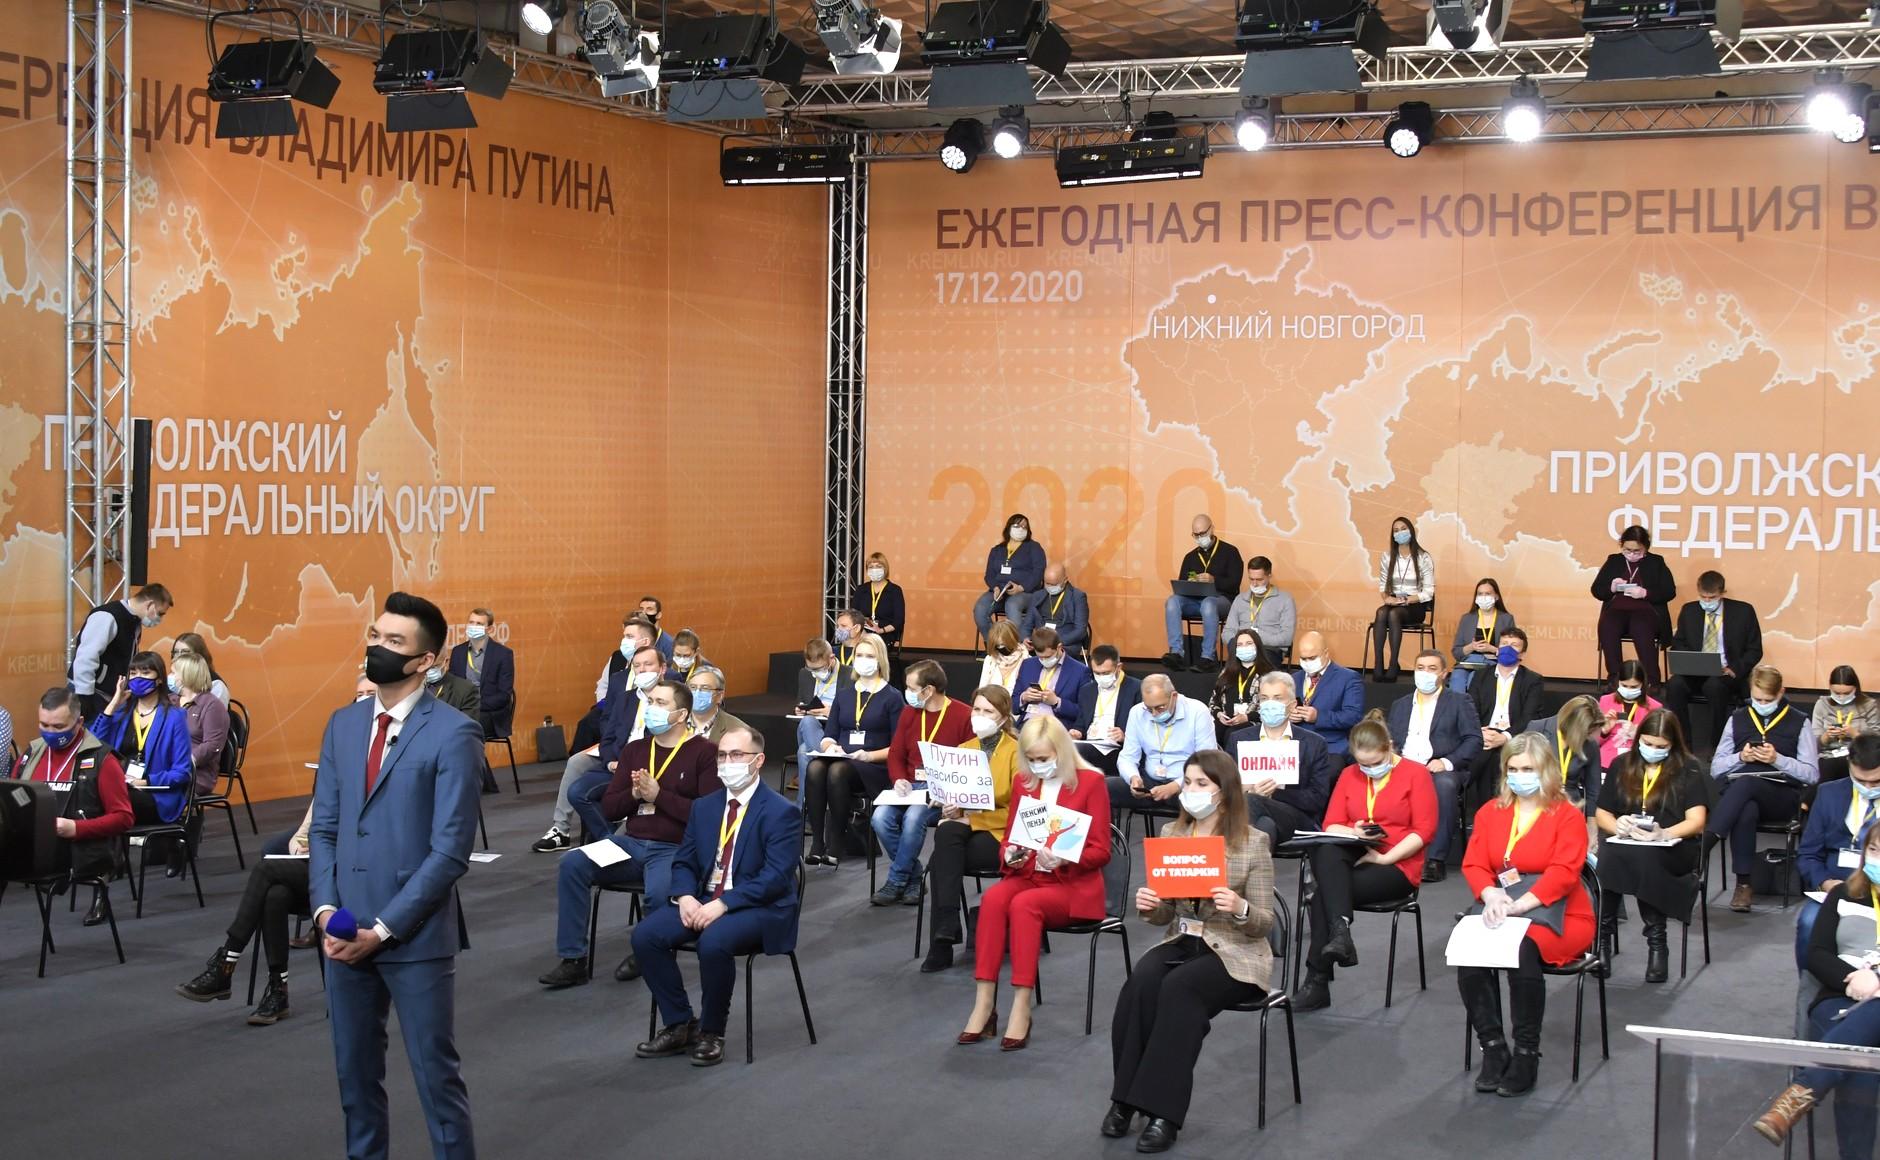 RUSSIE 17.12.2020.CONFERENCE 60 XX 66 Avant le début de la conférence de presse annuelle de Vladimir Poutine.